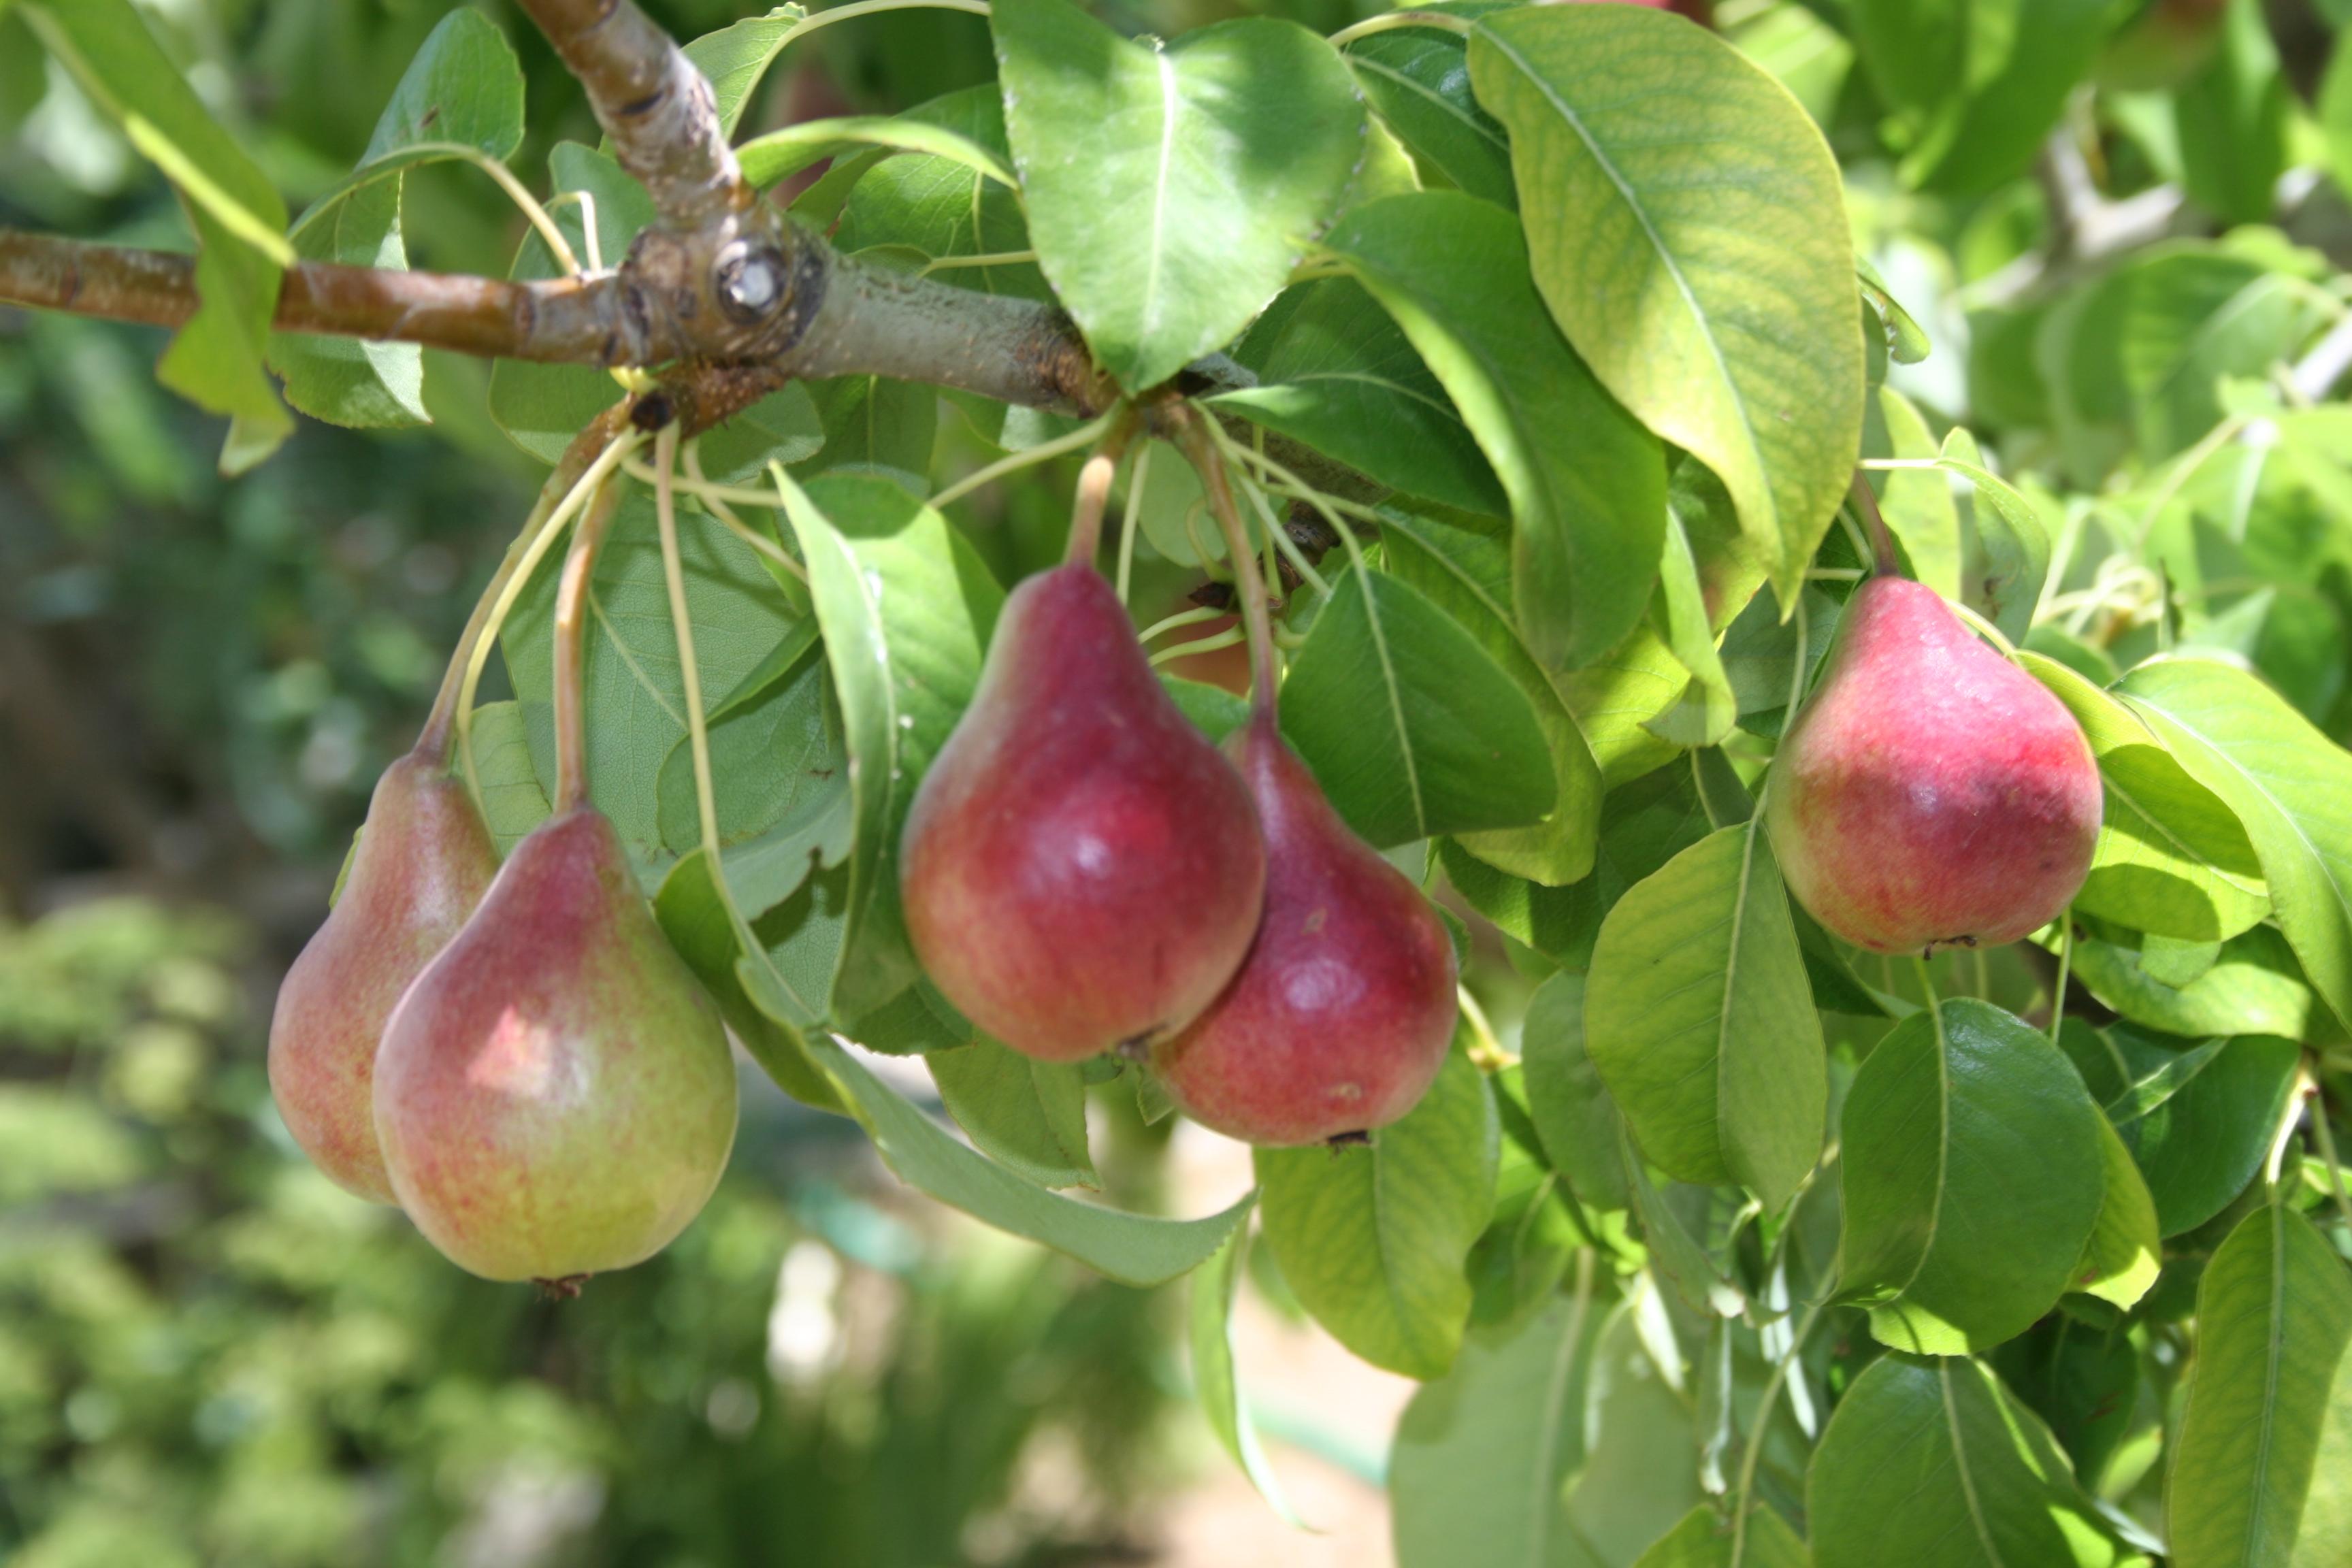 Cultivo de frutales tipos de arboles frutales for Arboles frutales de hoja caduca